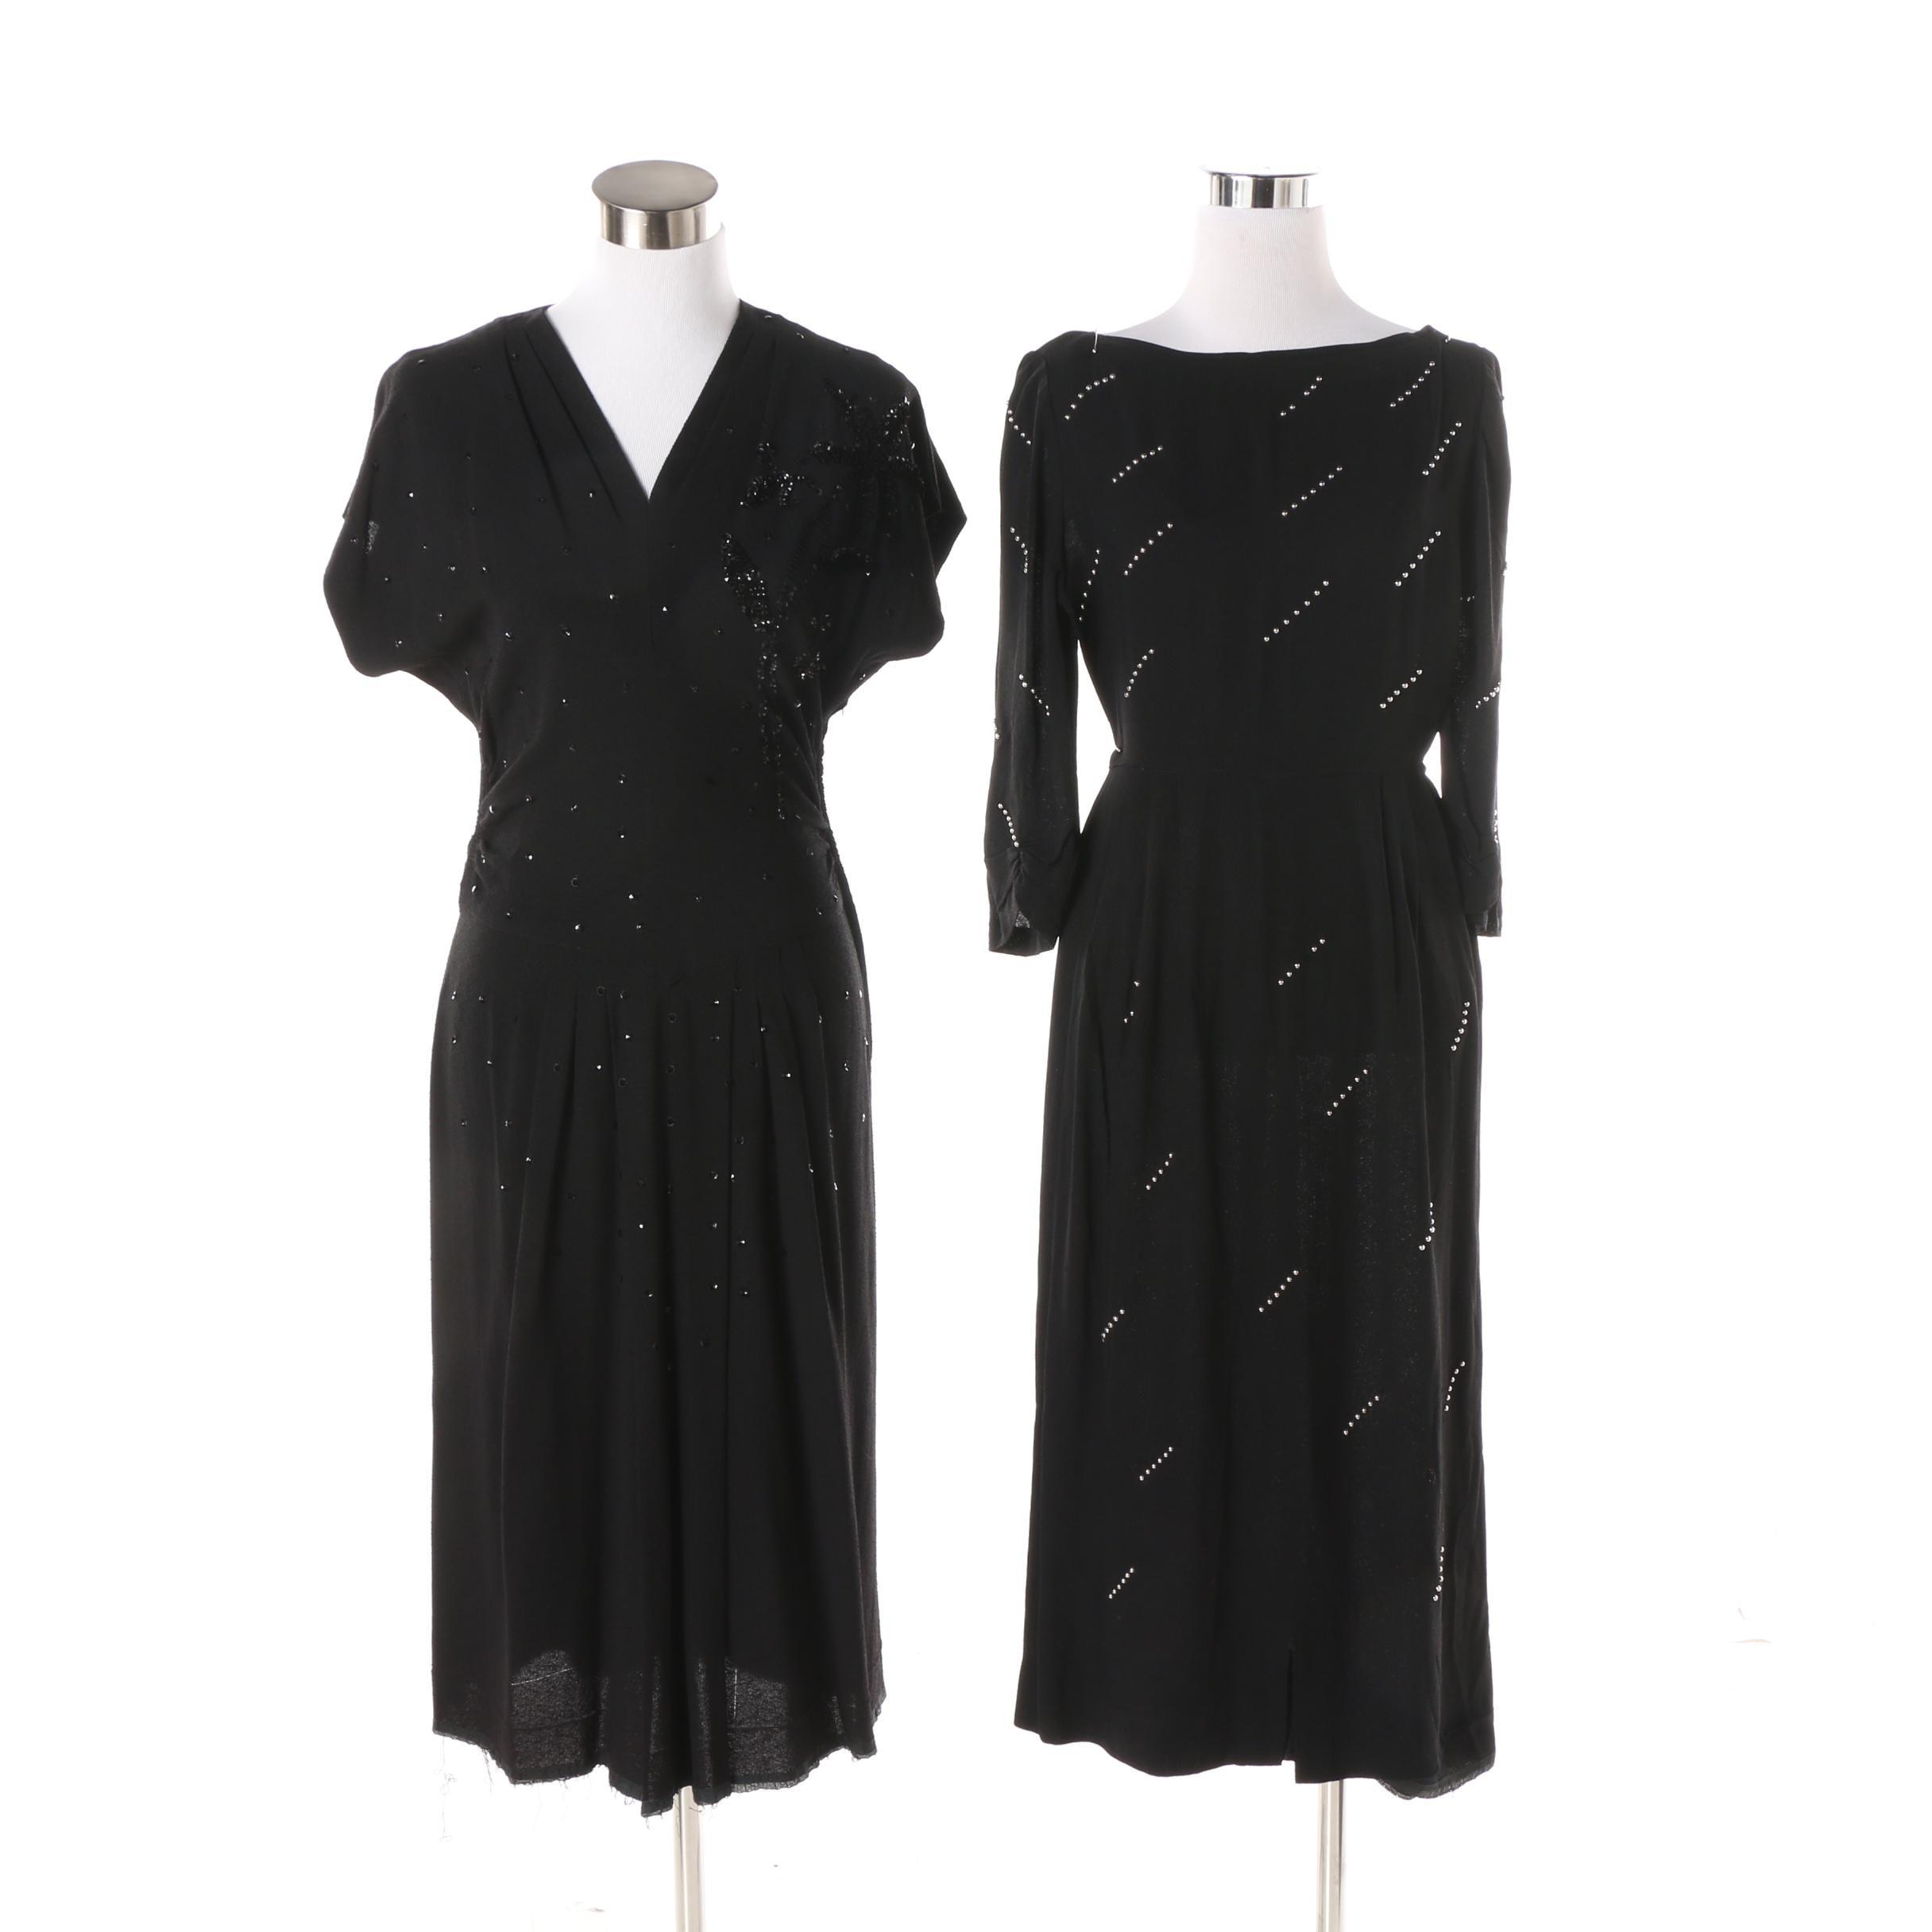 Women's Vintage Black Crepe Embellished Cocktail Dresses